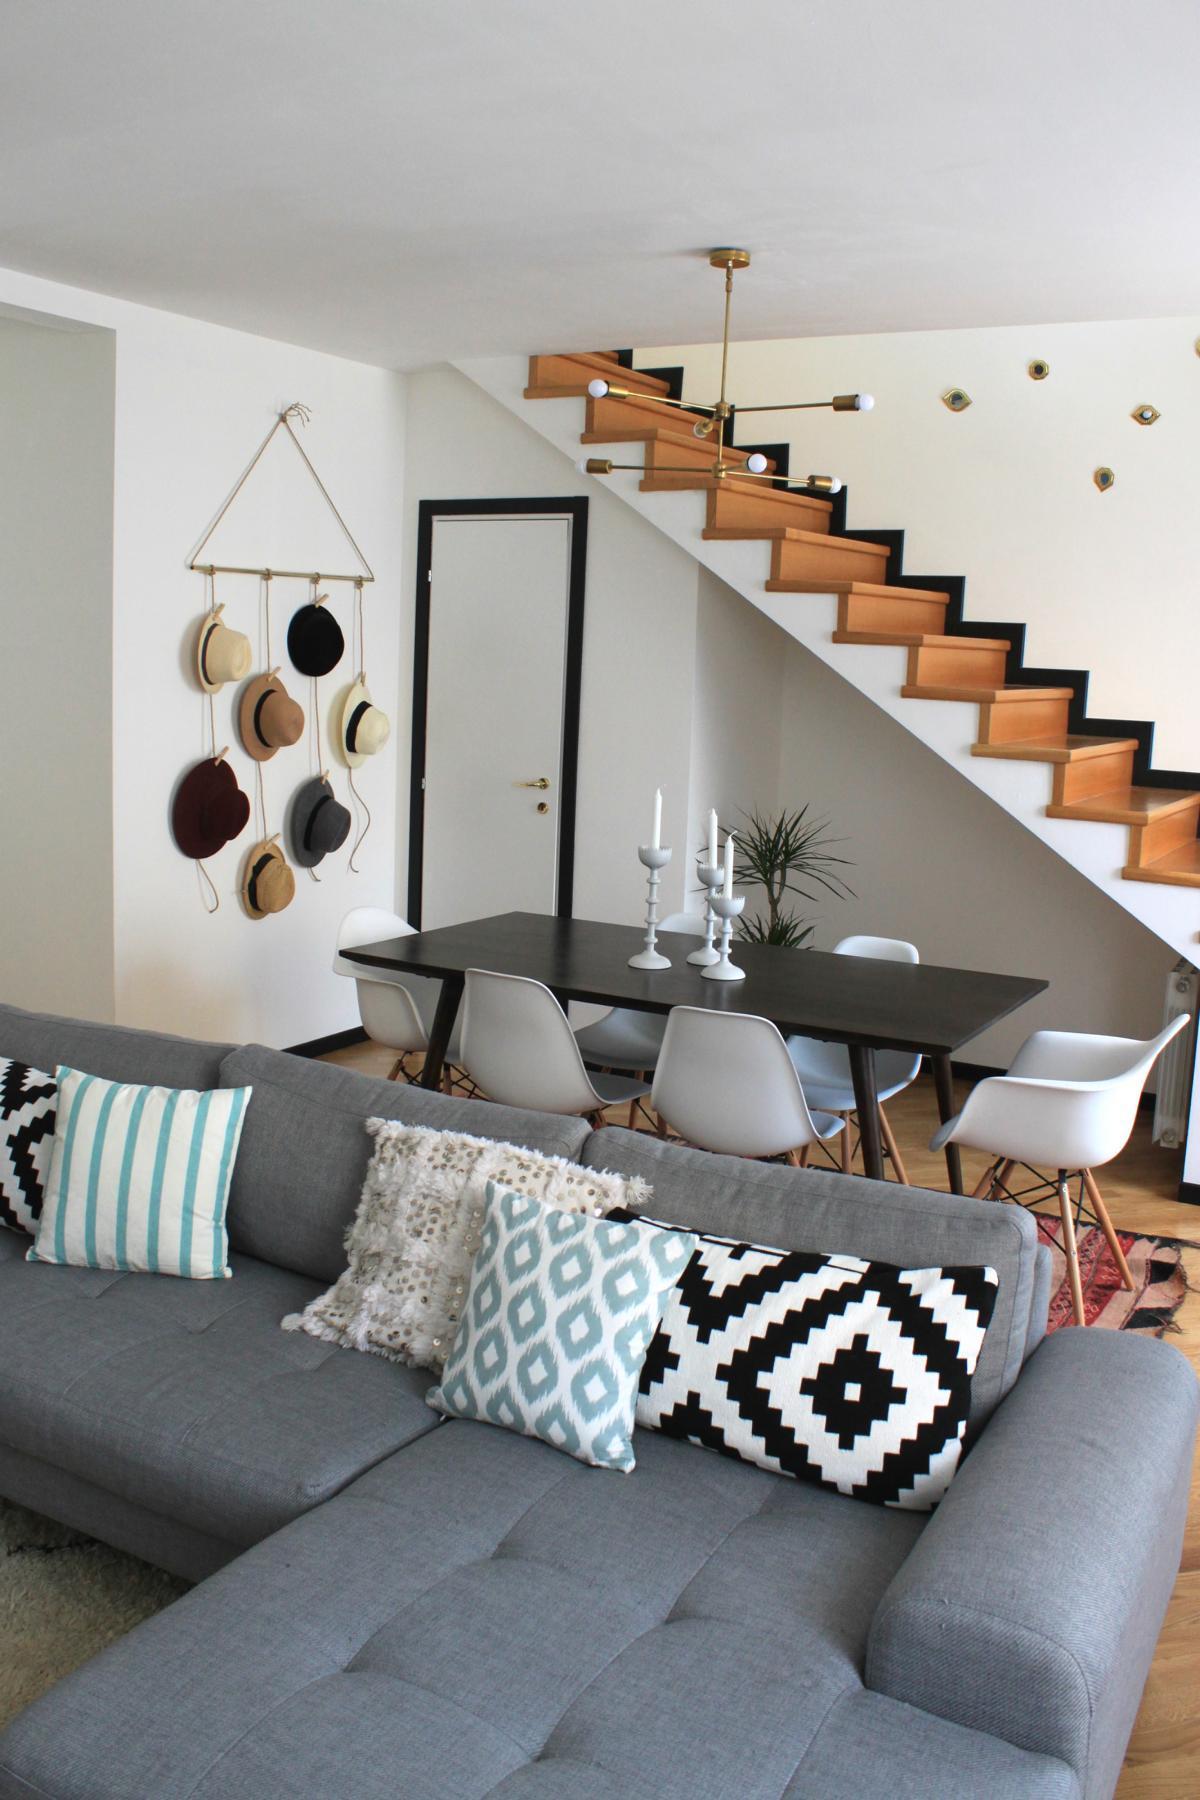 Living Room Project Cool Flat Wohnzimmerdeko Wohnesszimmer Zimmergestaltung Cseverinepillerdesign